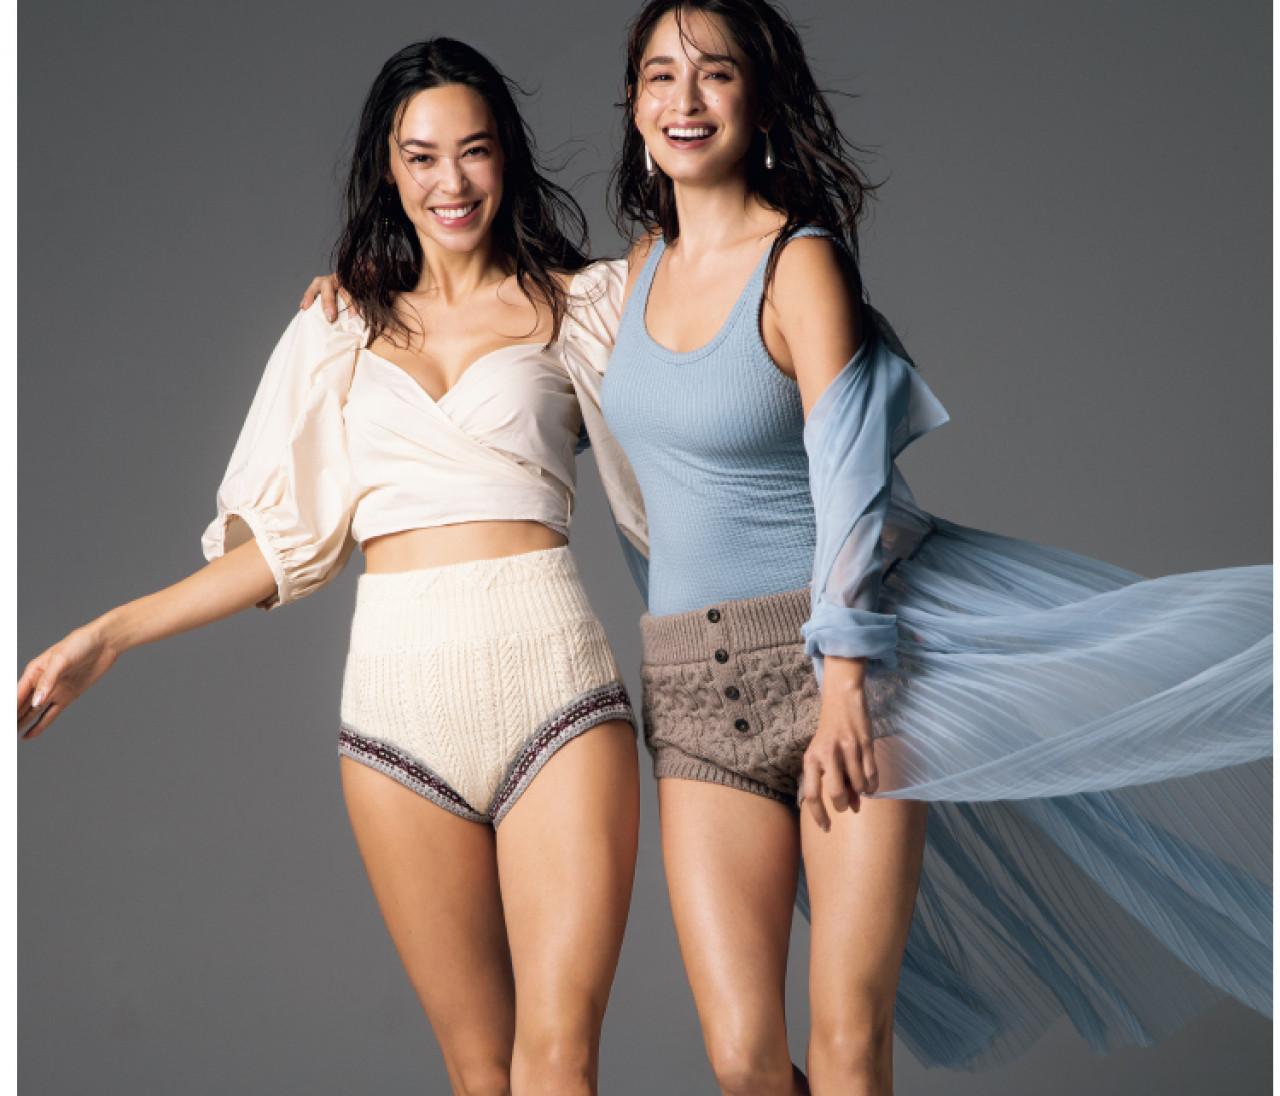 【2021年はストレッチ元年!!】モデル・エミとケリーが教える美ボディストレッチまとめ